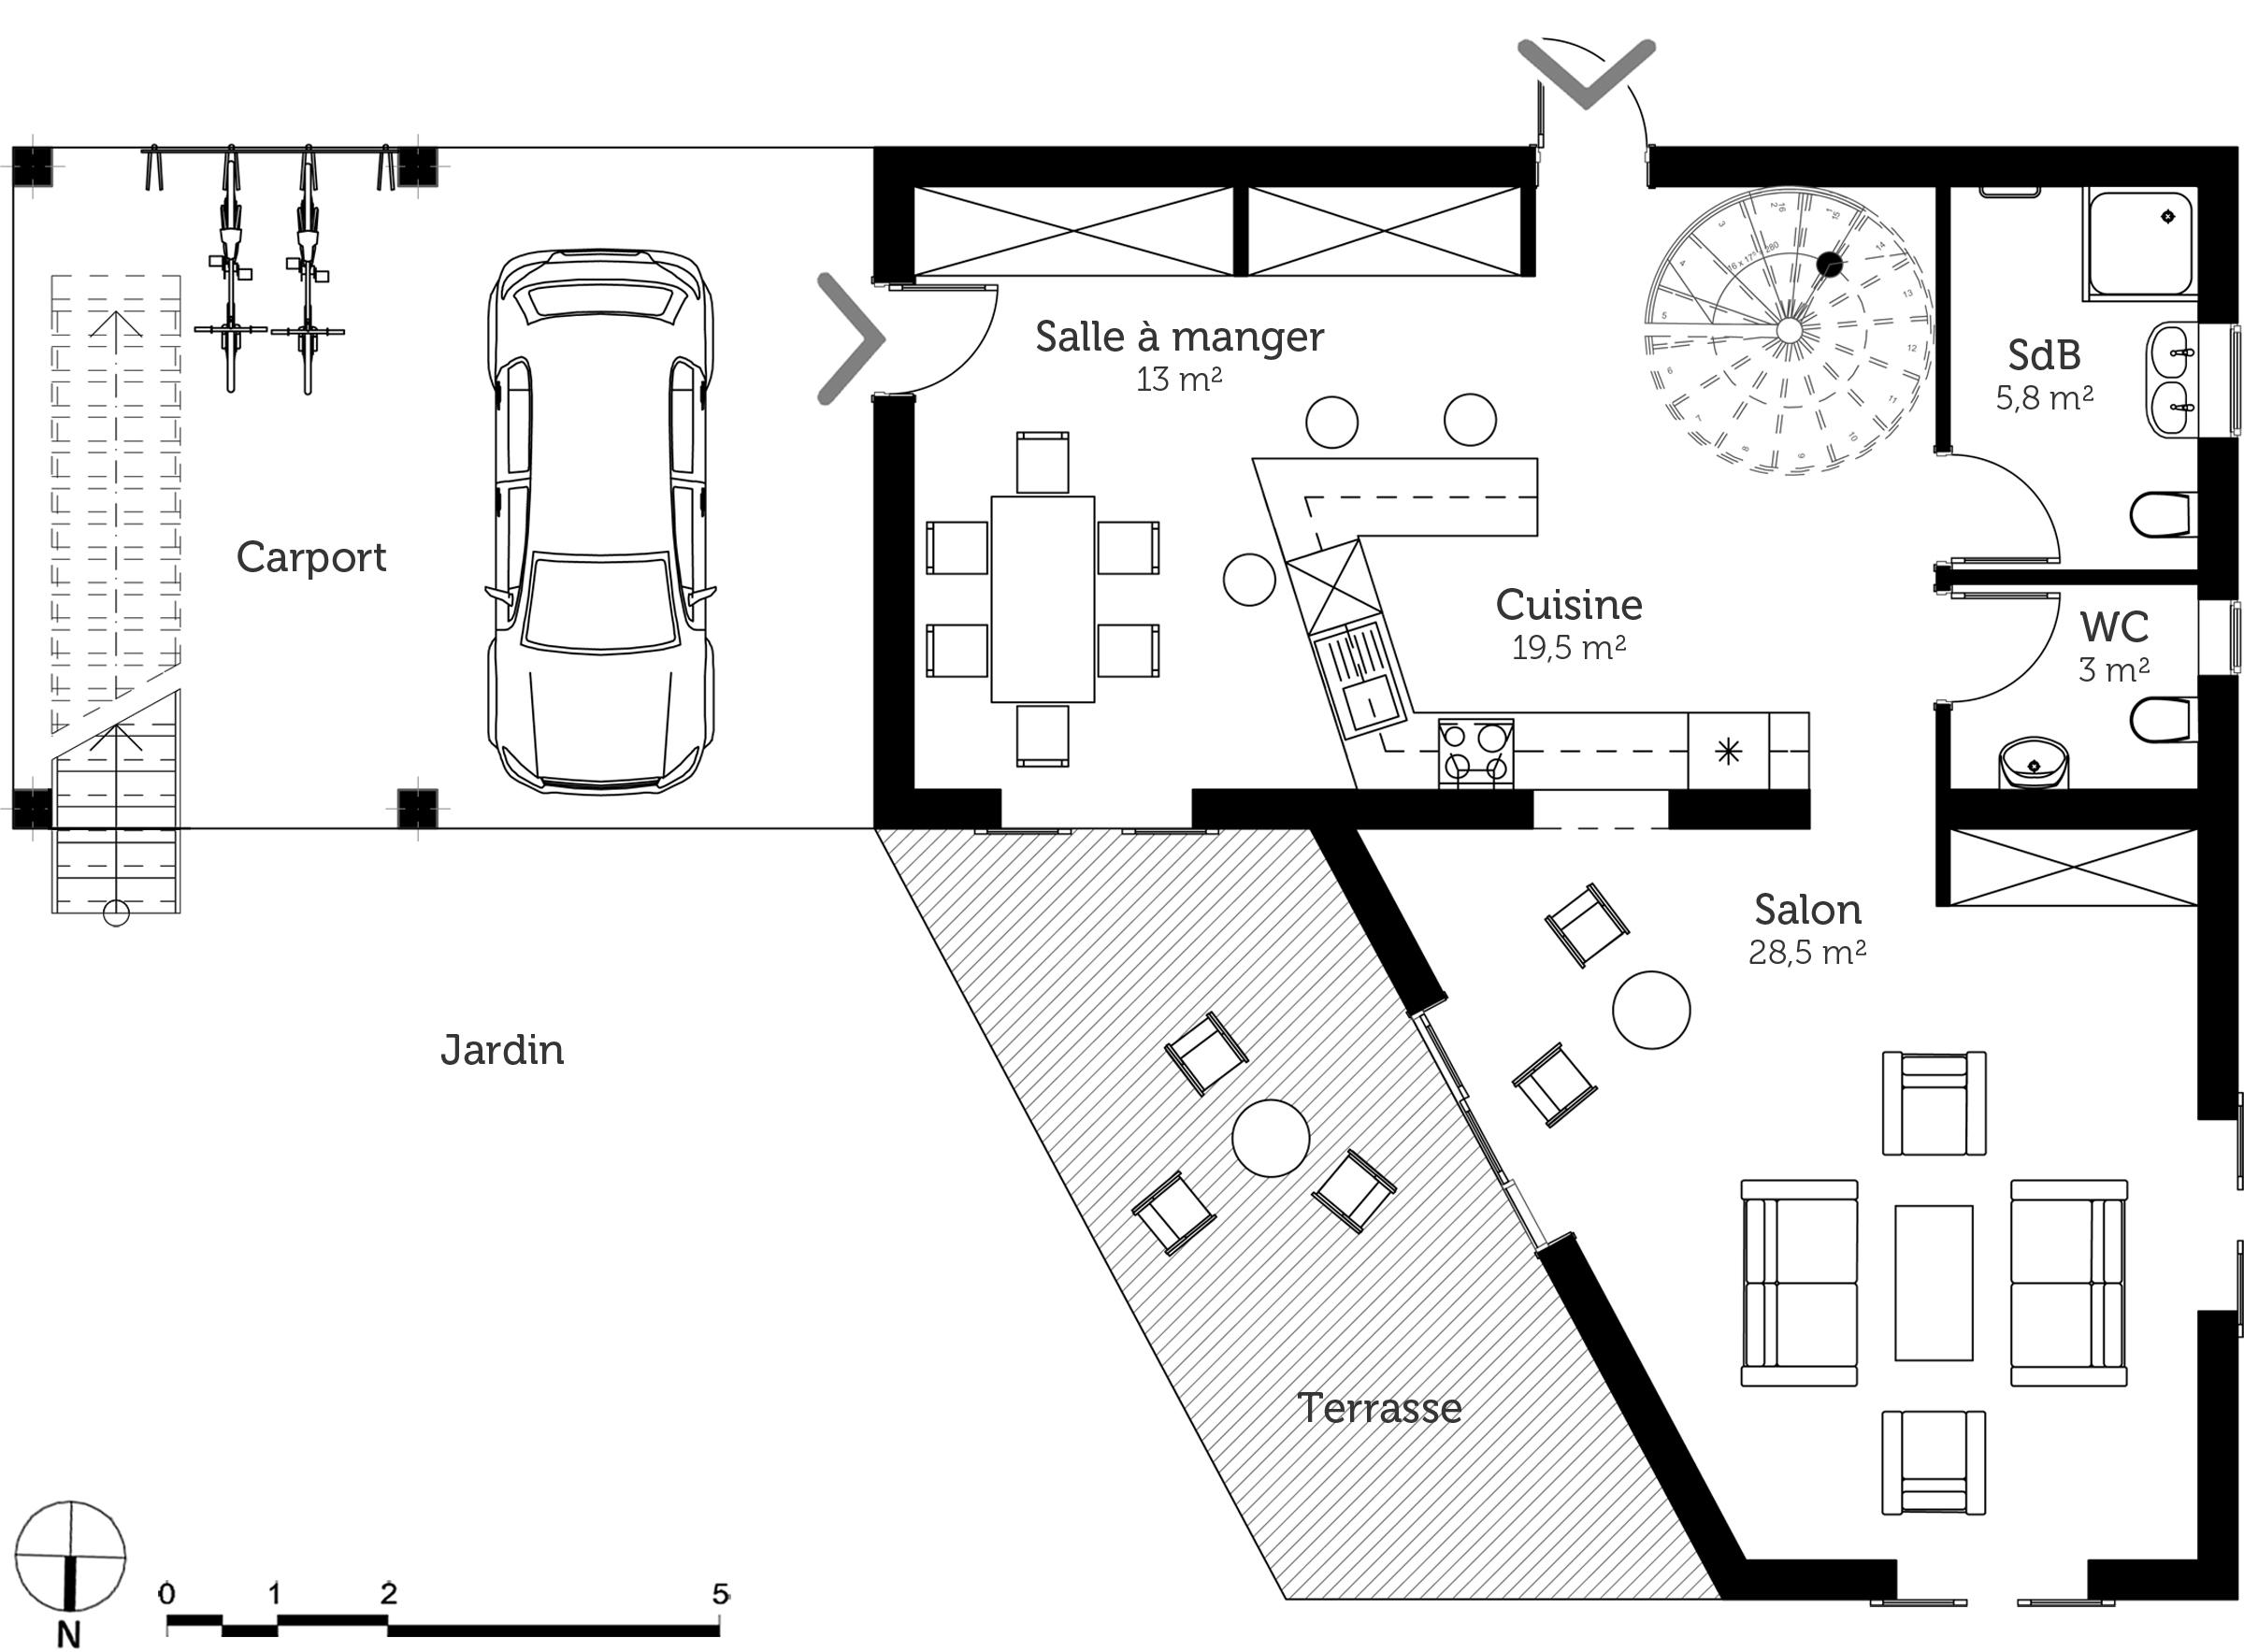 plan maison en v toit plat ooreka. Black Bedroom Furniture Sets. Home Design Ideas